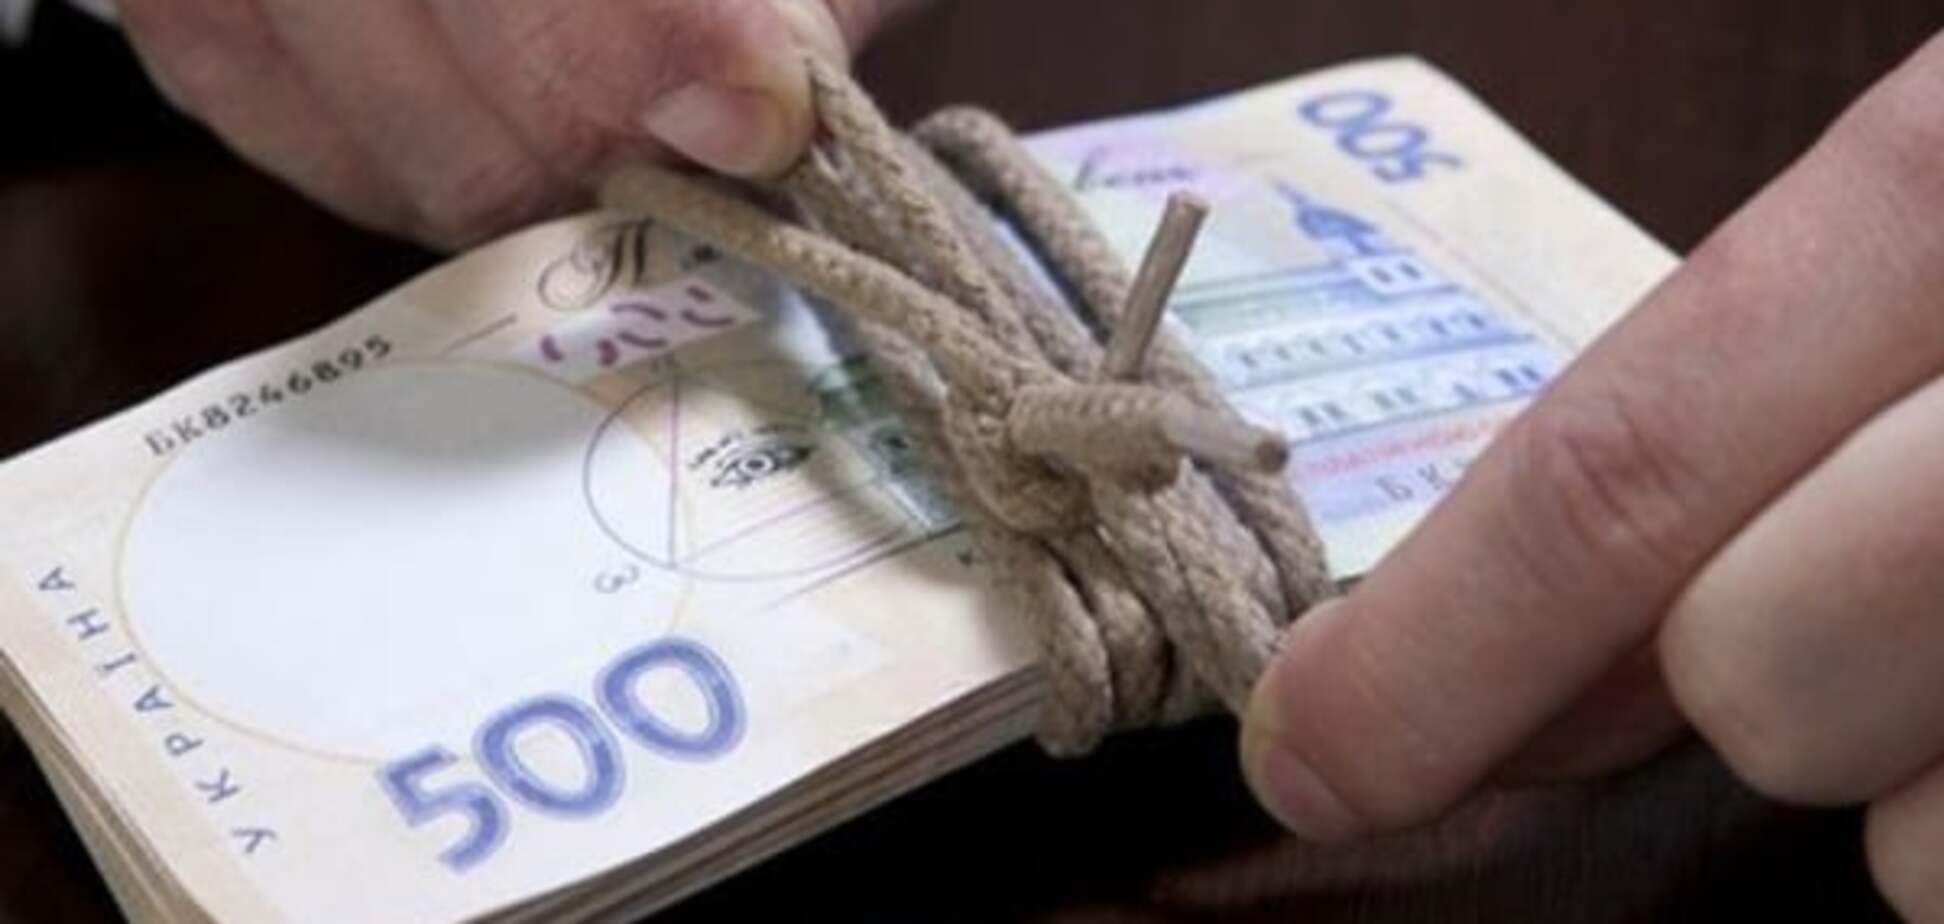 Нардепам офіційно збільшили зарплату майже втричі: опублікований документ